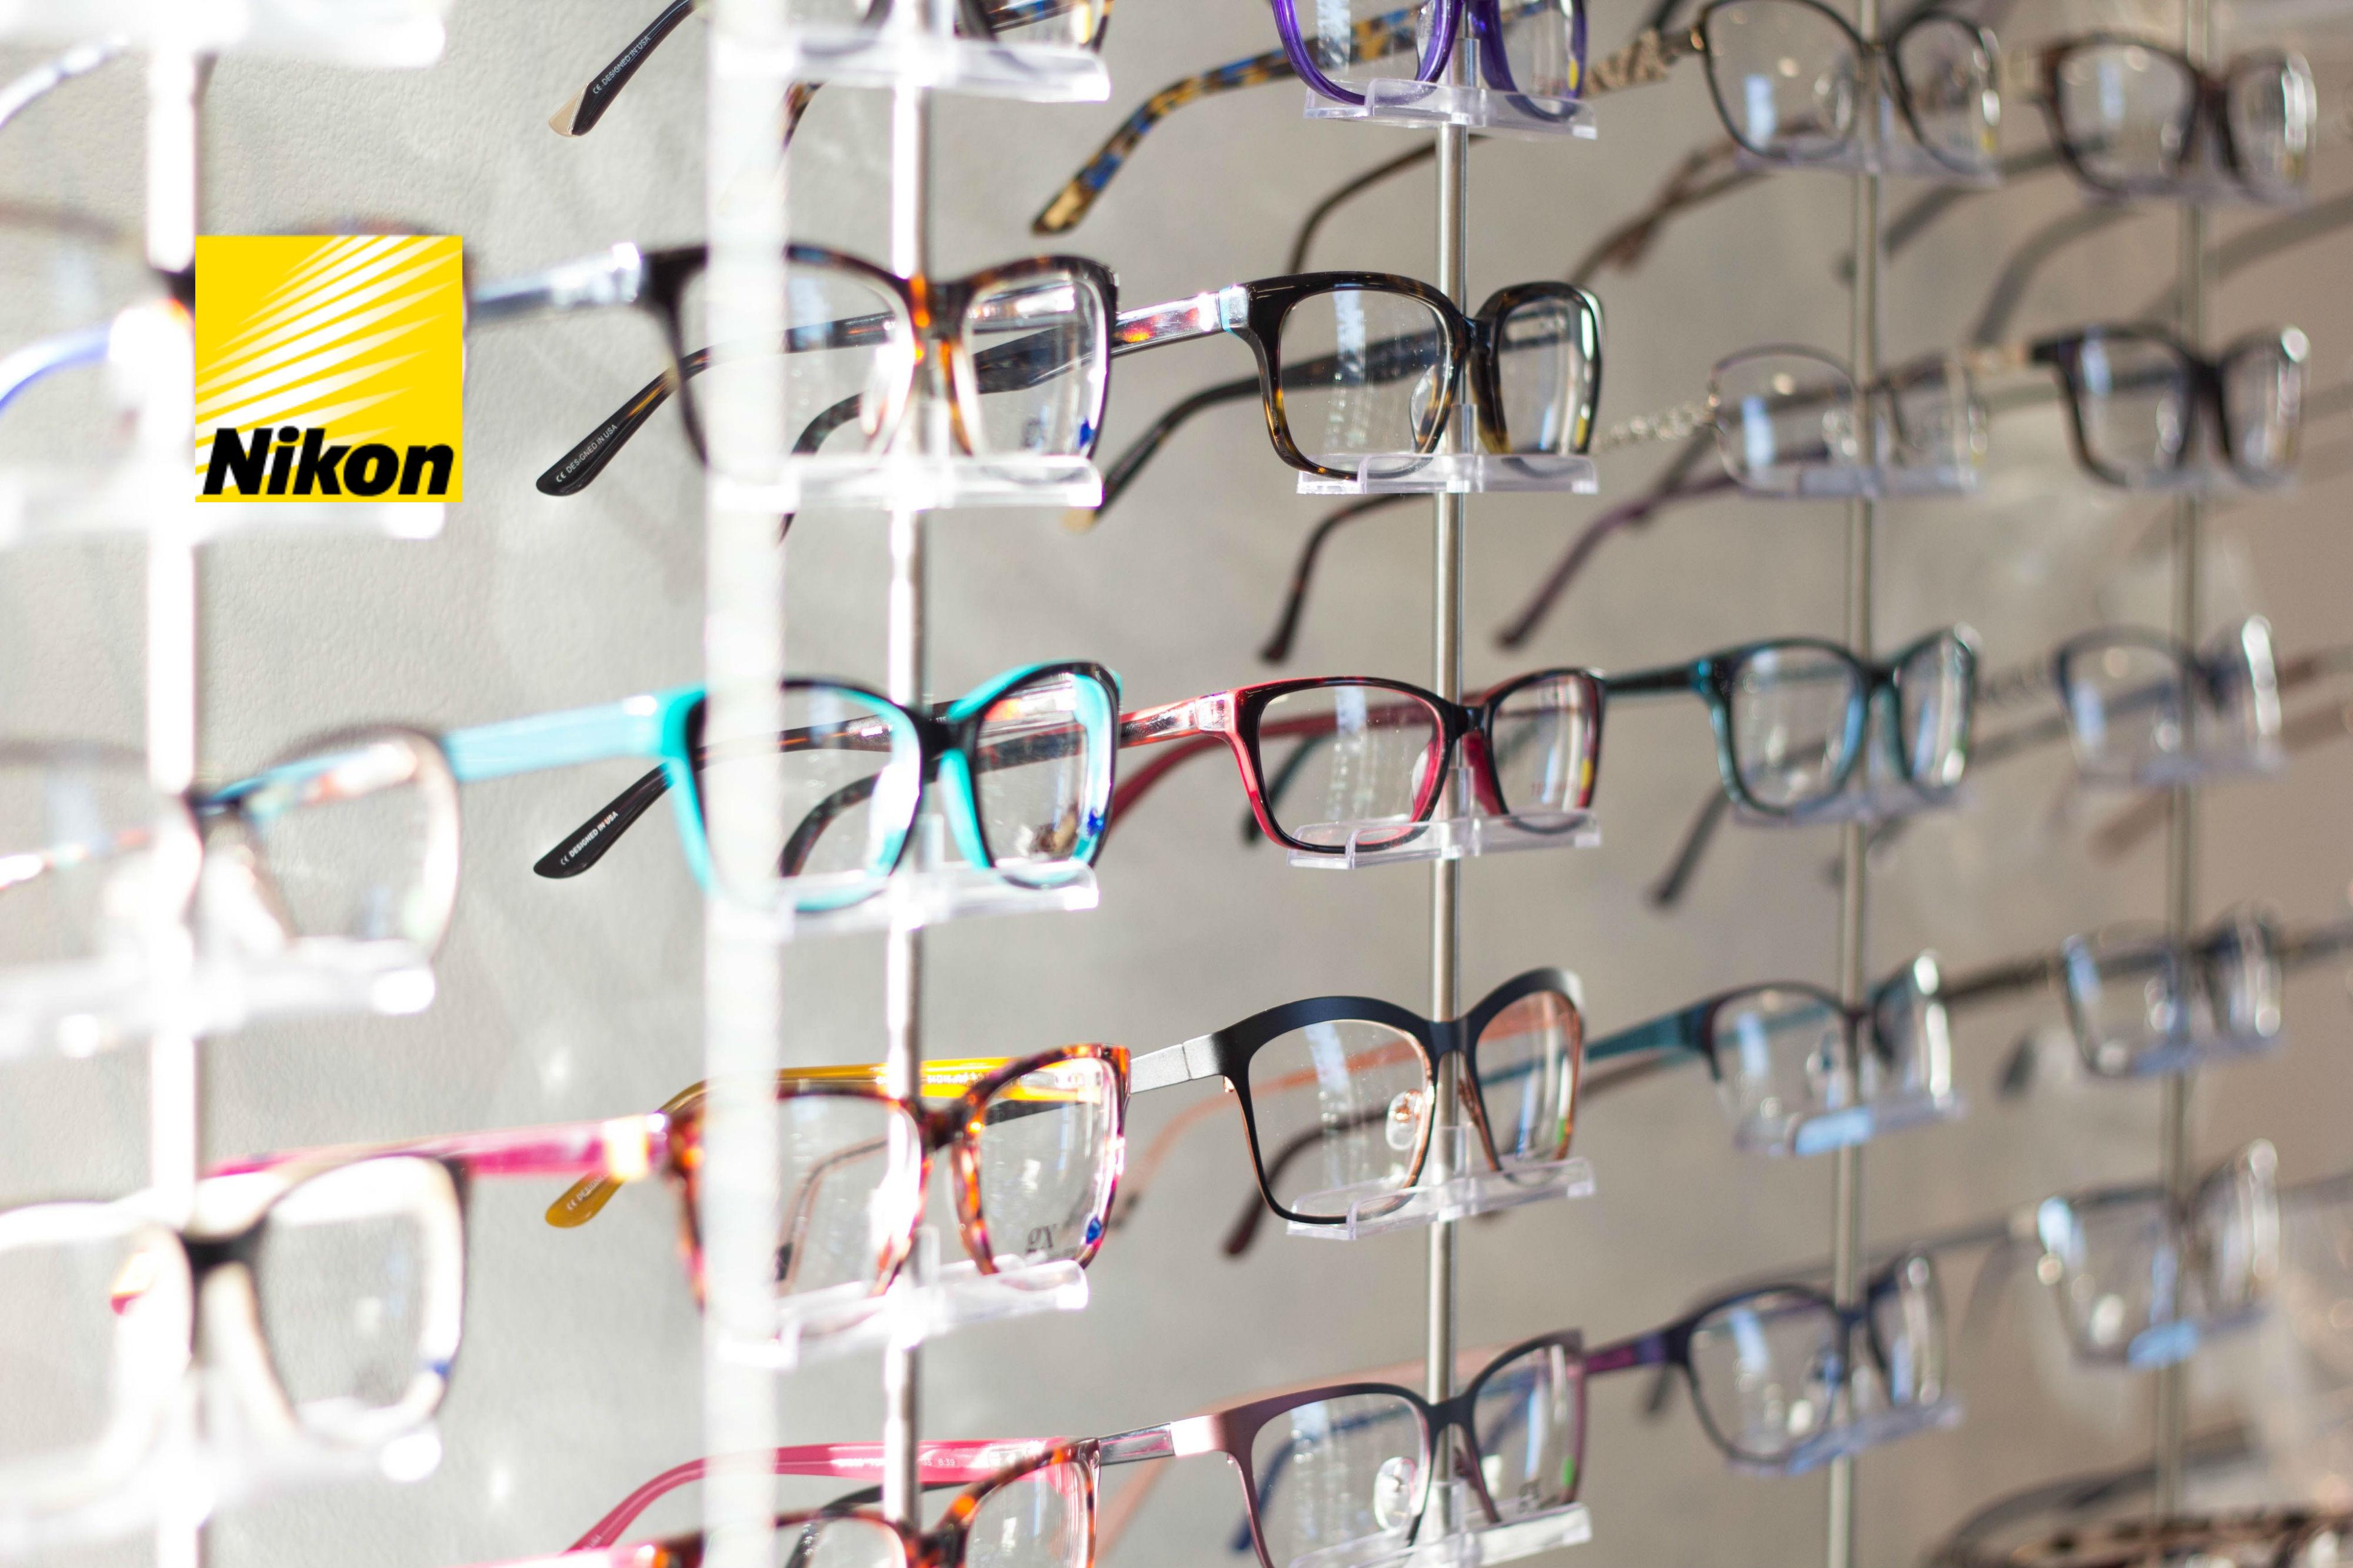 Pentru ce probleme de vedere ai nevoie de ochelari?